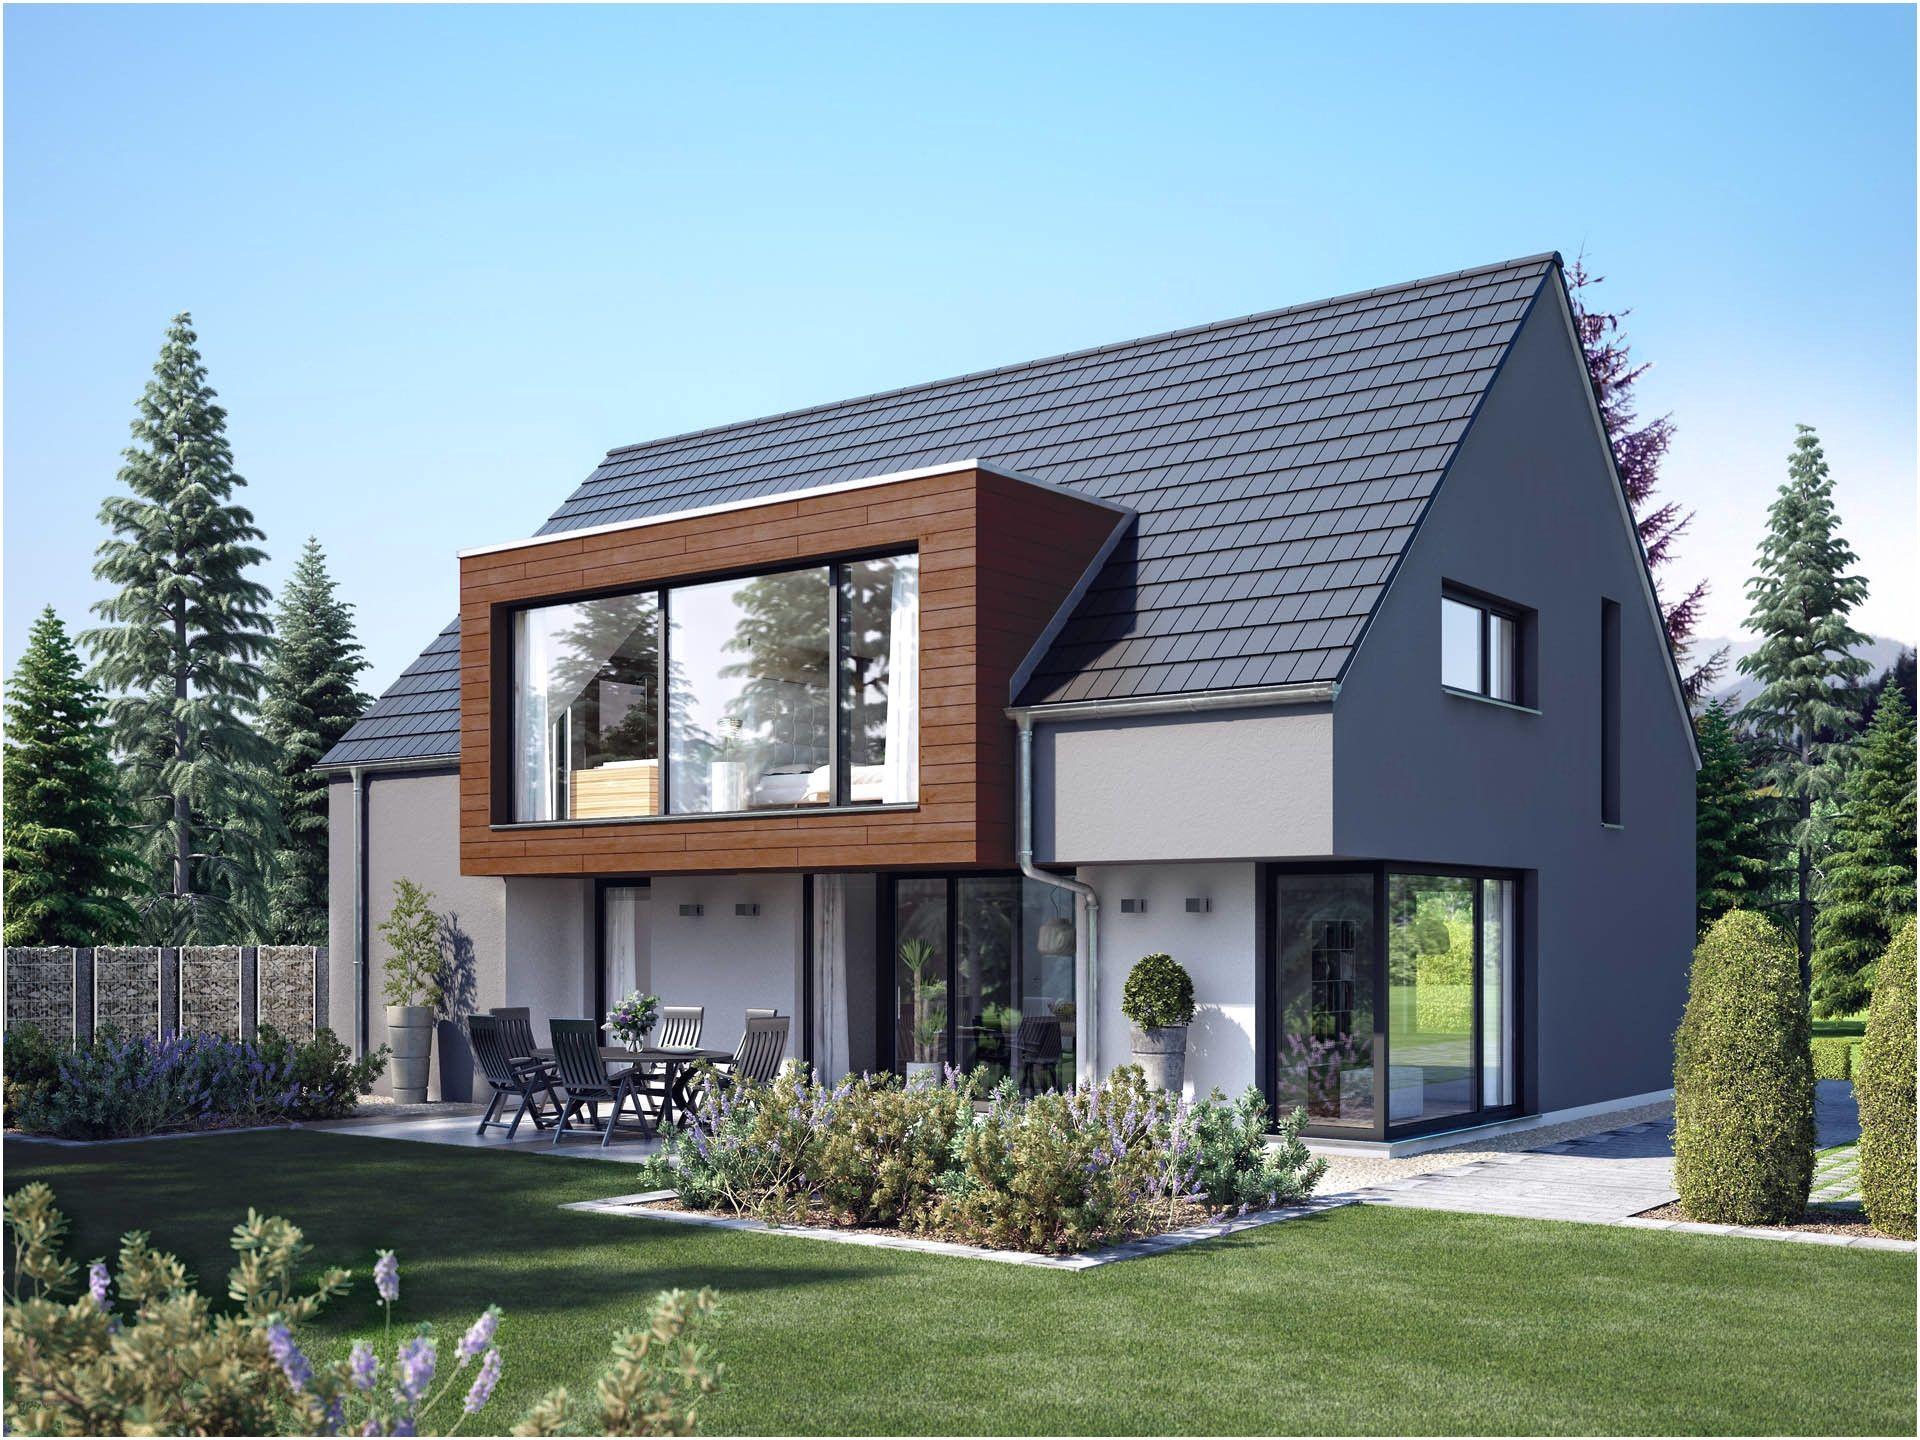 Berühmt Haus Mit Satteldach Modern   Rapidoquiz Wohndesign Interieurideen HH33